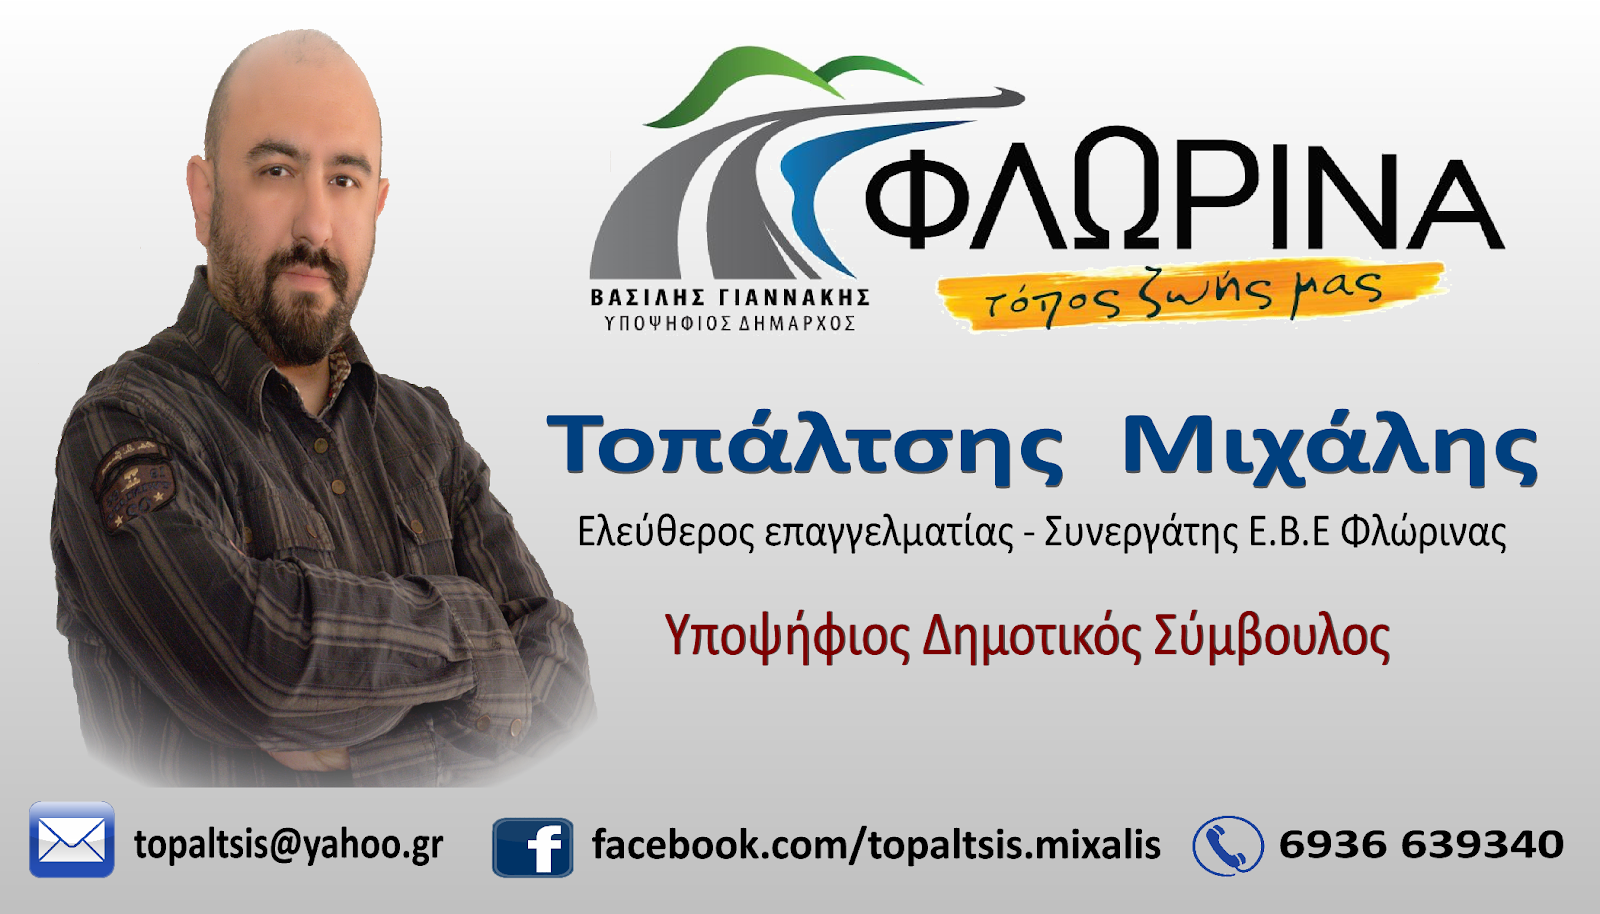 Μιχάλης Τοπάλτσης -Υποψήφιος Δημοτικός σύμβουλος